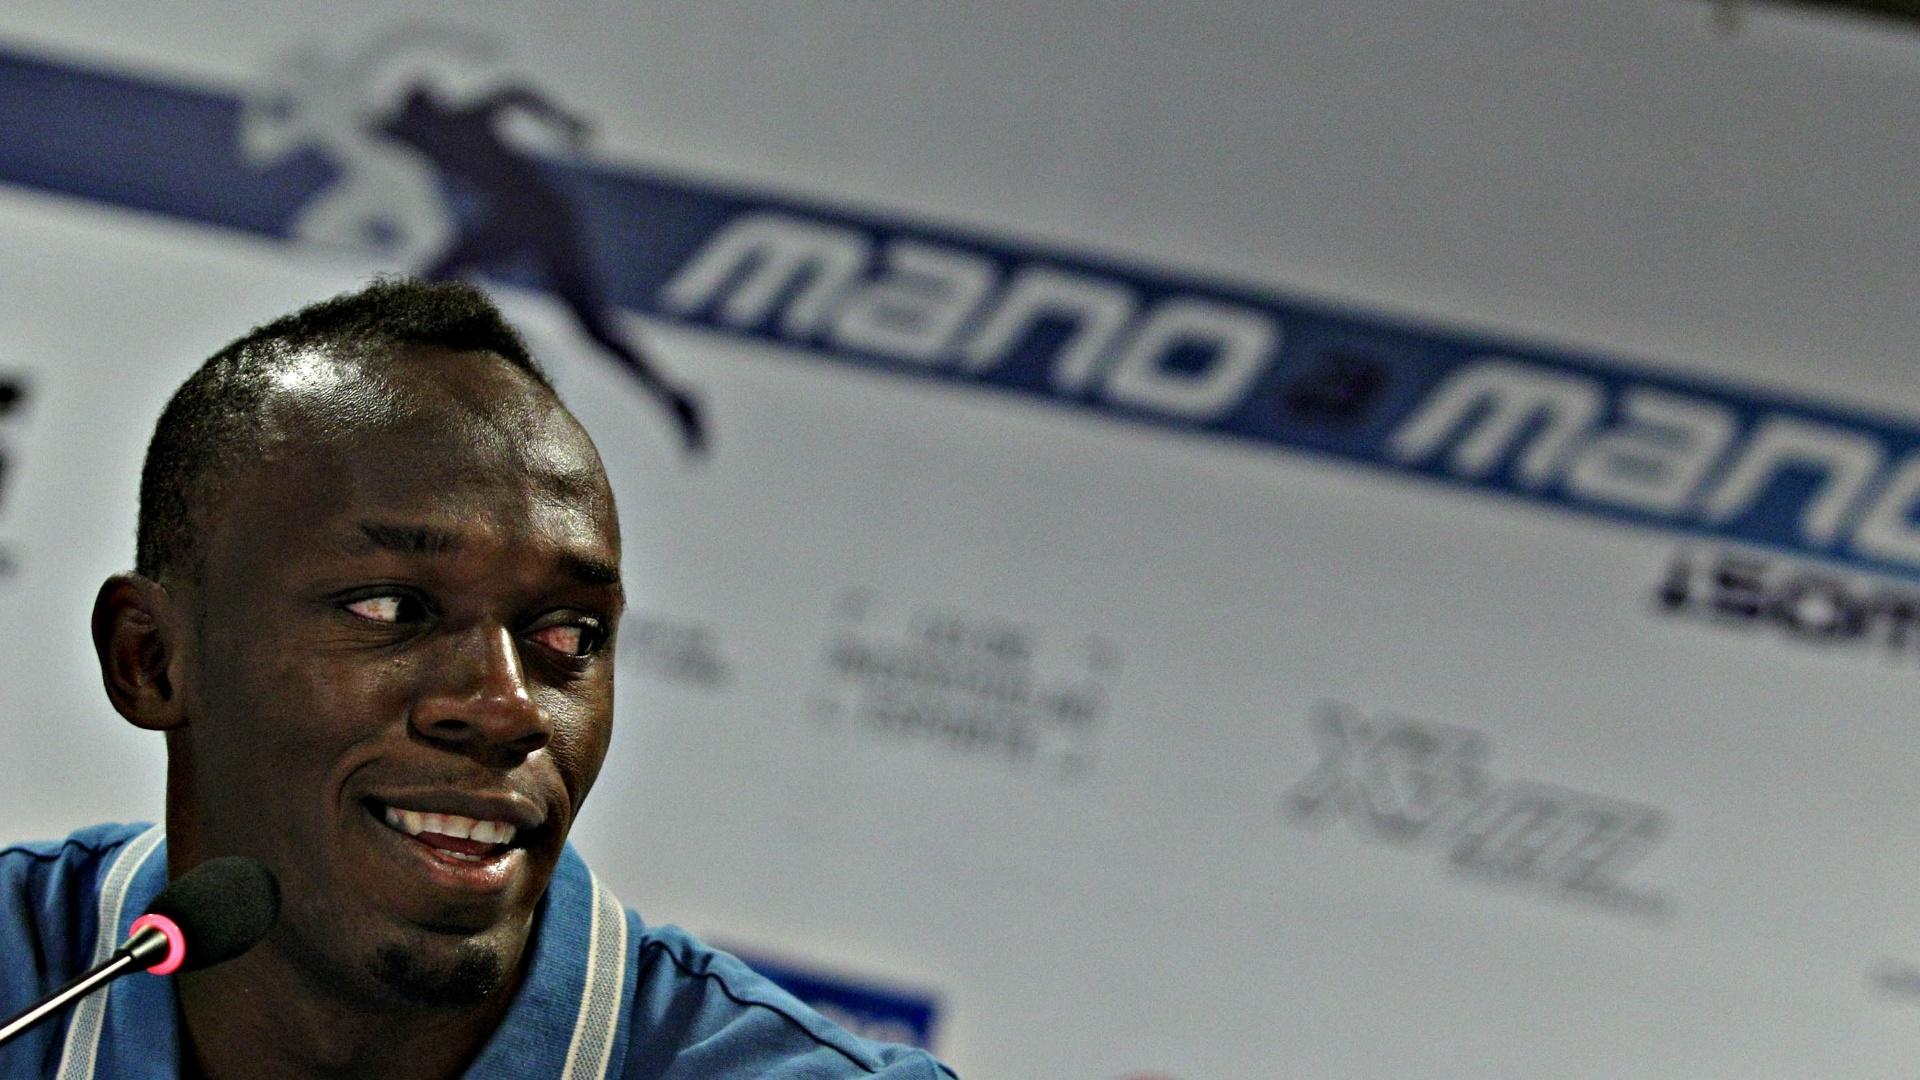 28.mar.2013 - Durante coletiva nesta quinta-feira, Usain Bolt disse que